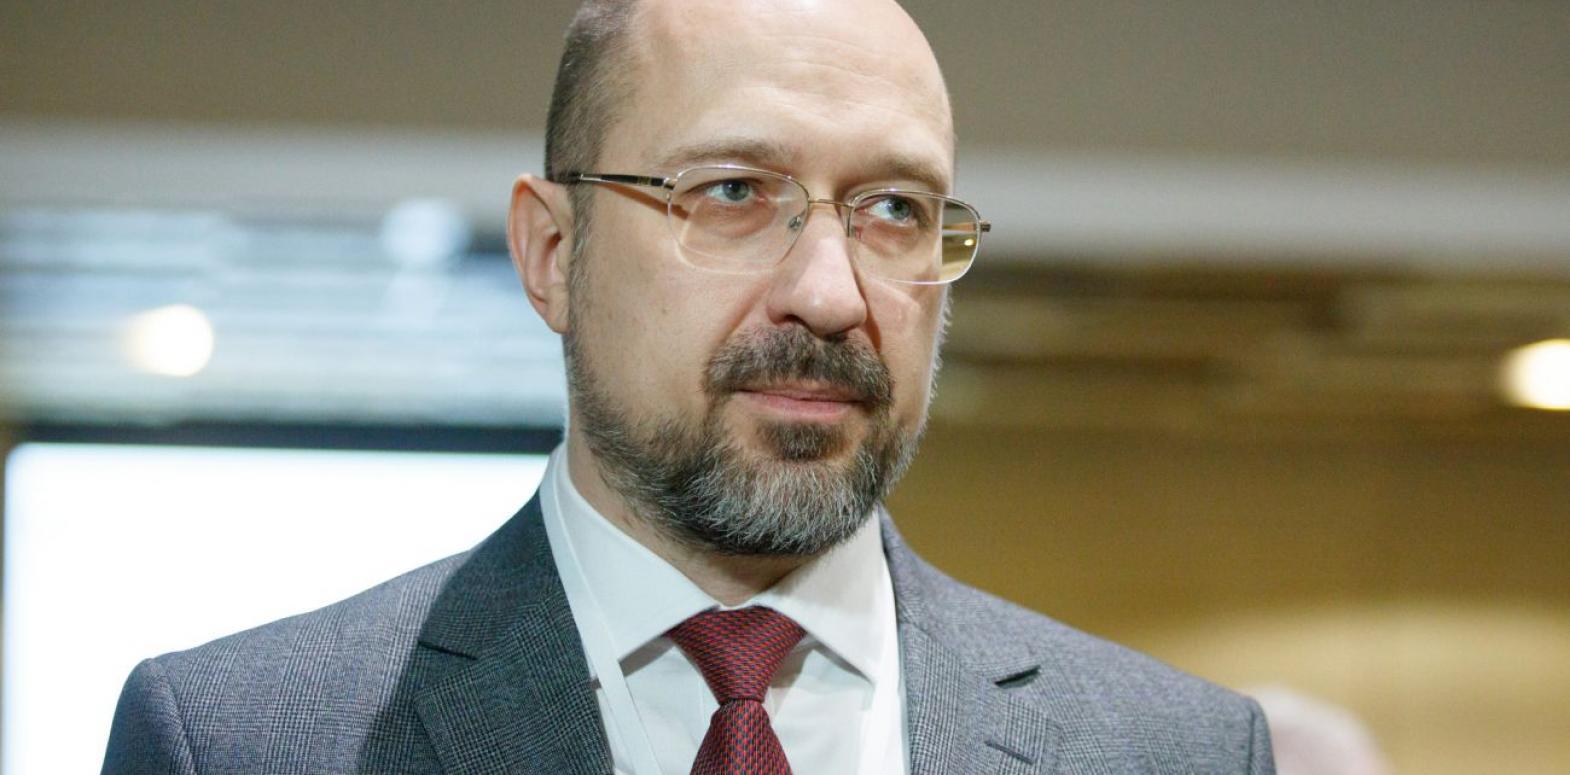 Кабмин согласовал доработанный бюджет-2021 и передаст его в Раду